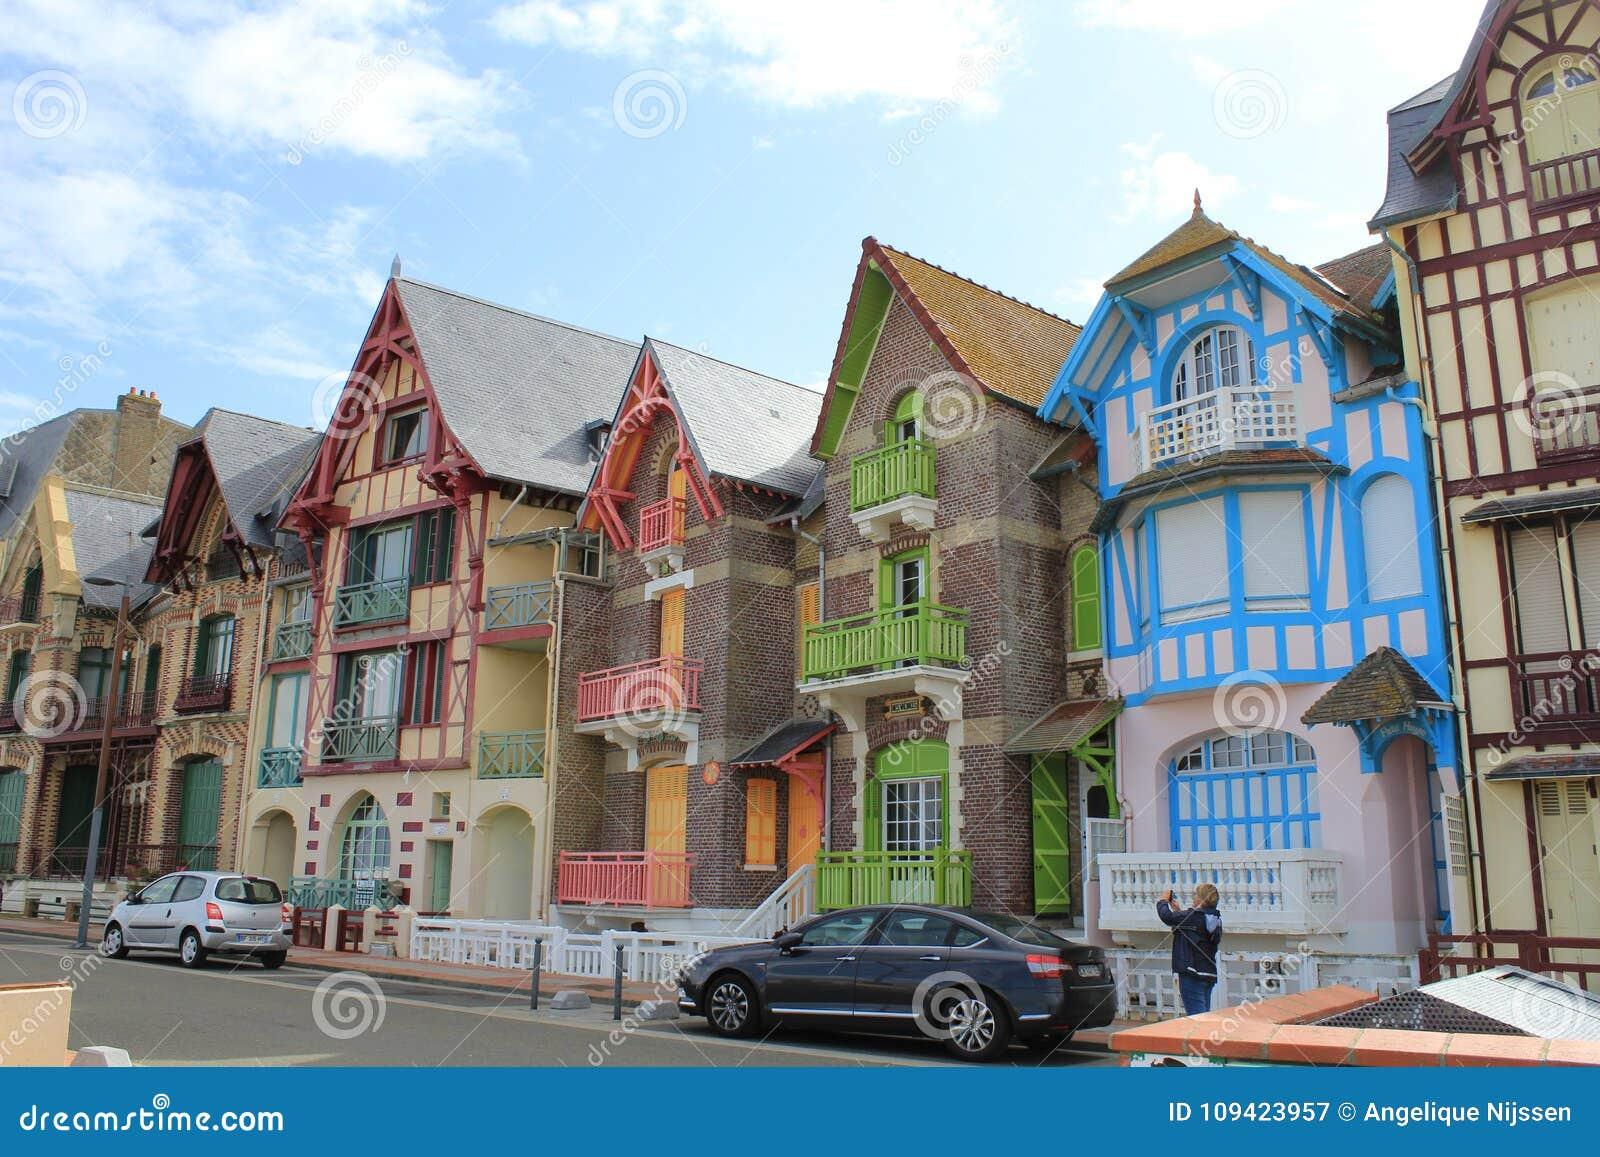 Die alten bunten englischen Arthäuser bei le Treport nahe Dieppe, Frankreich